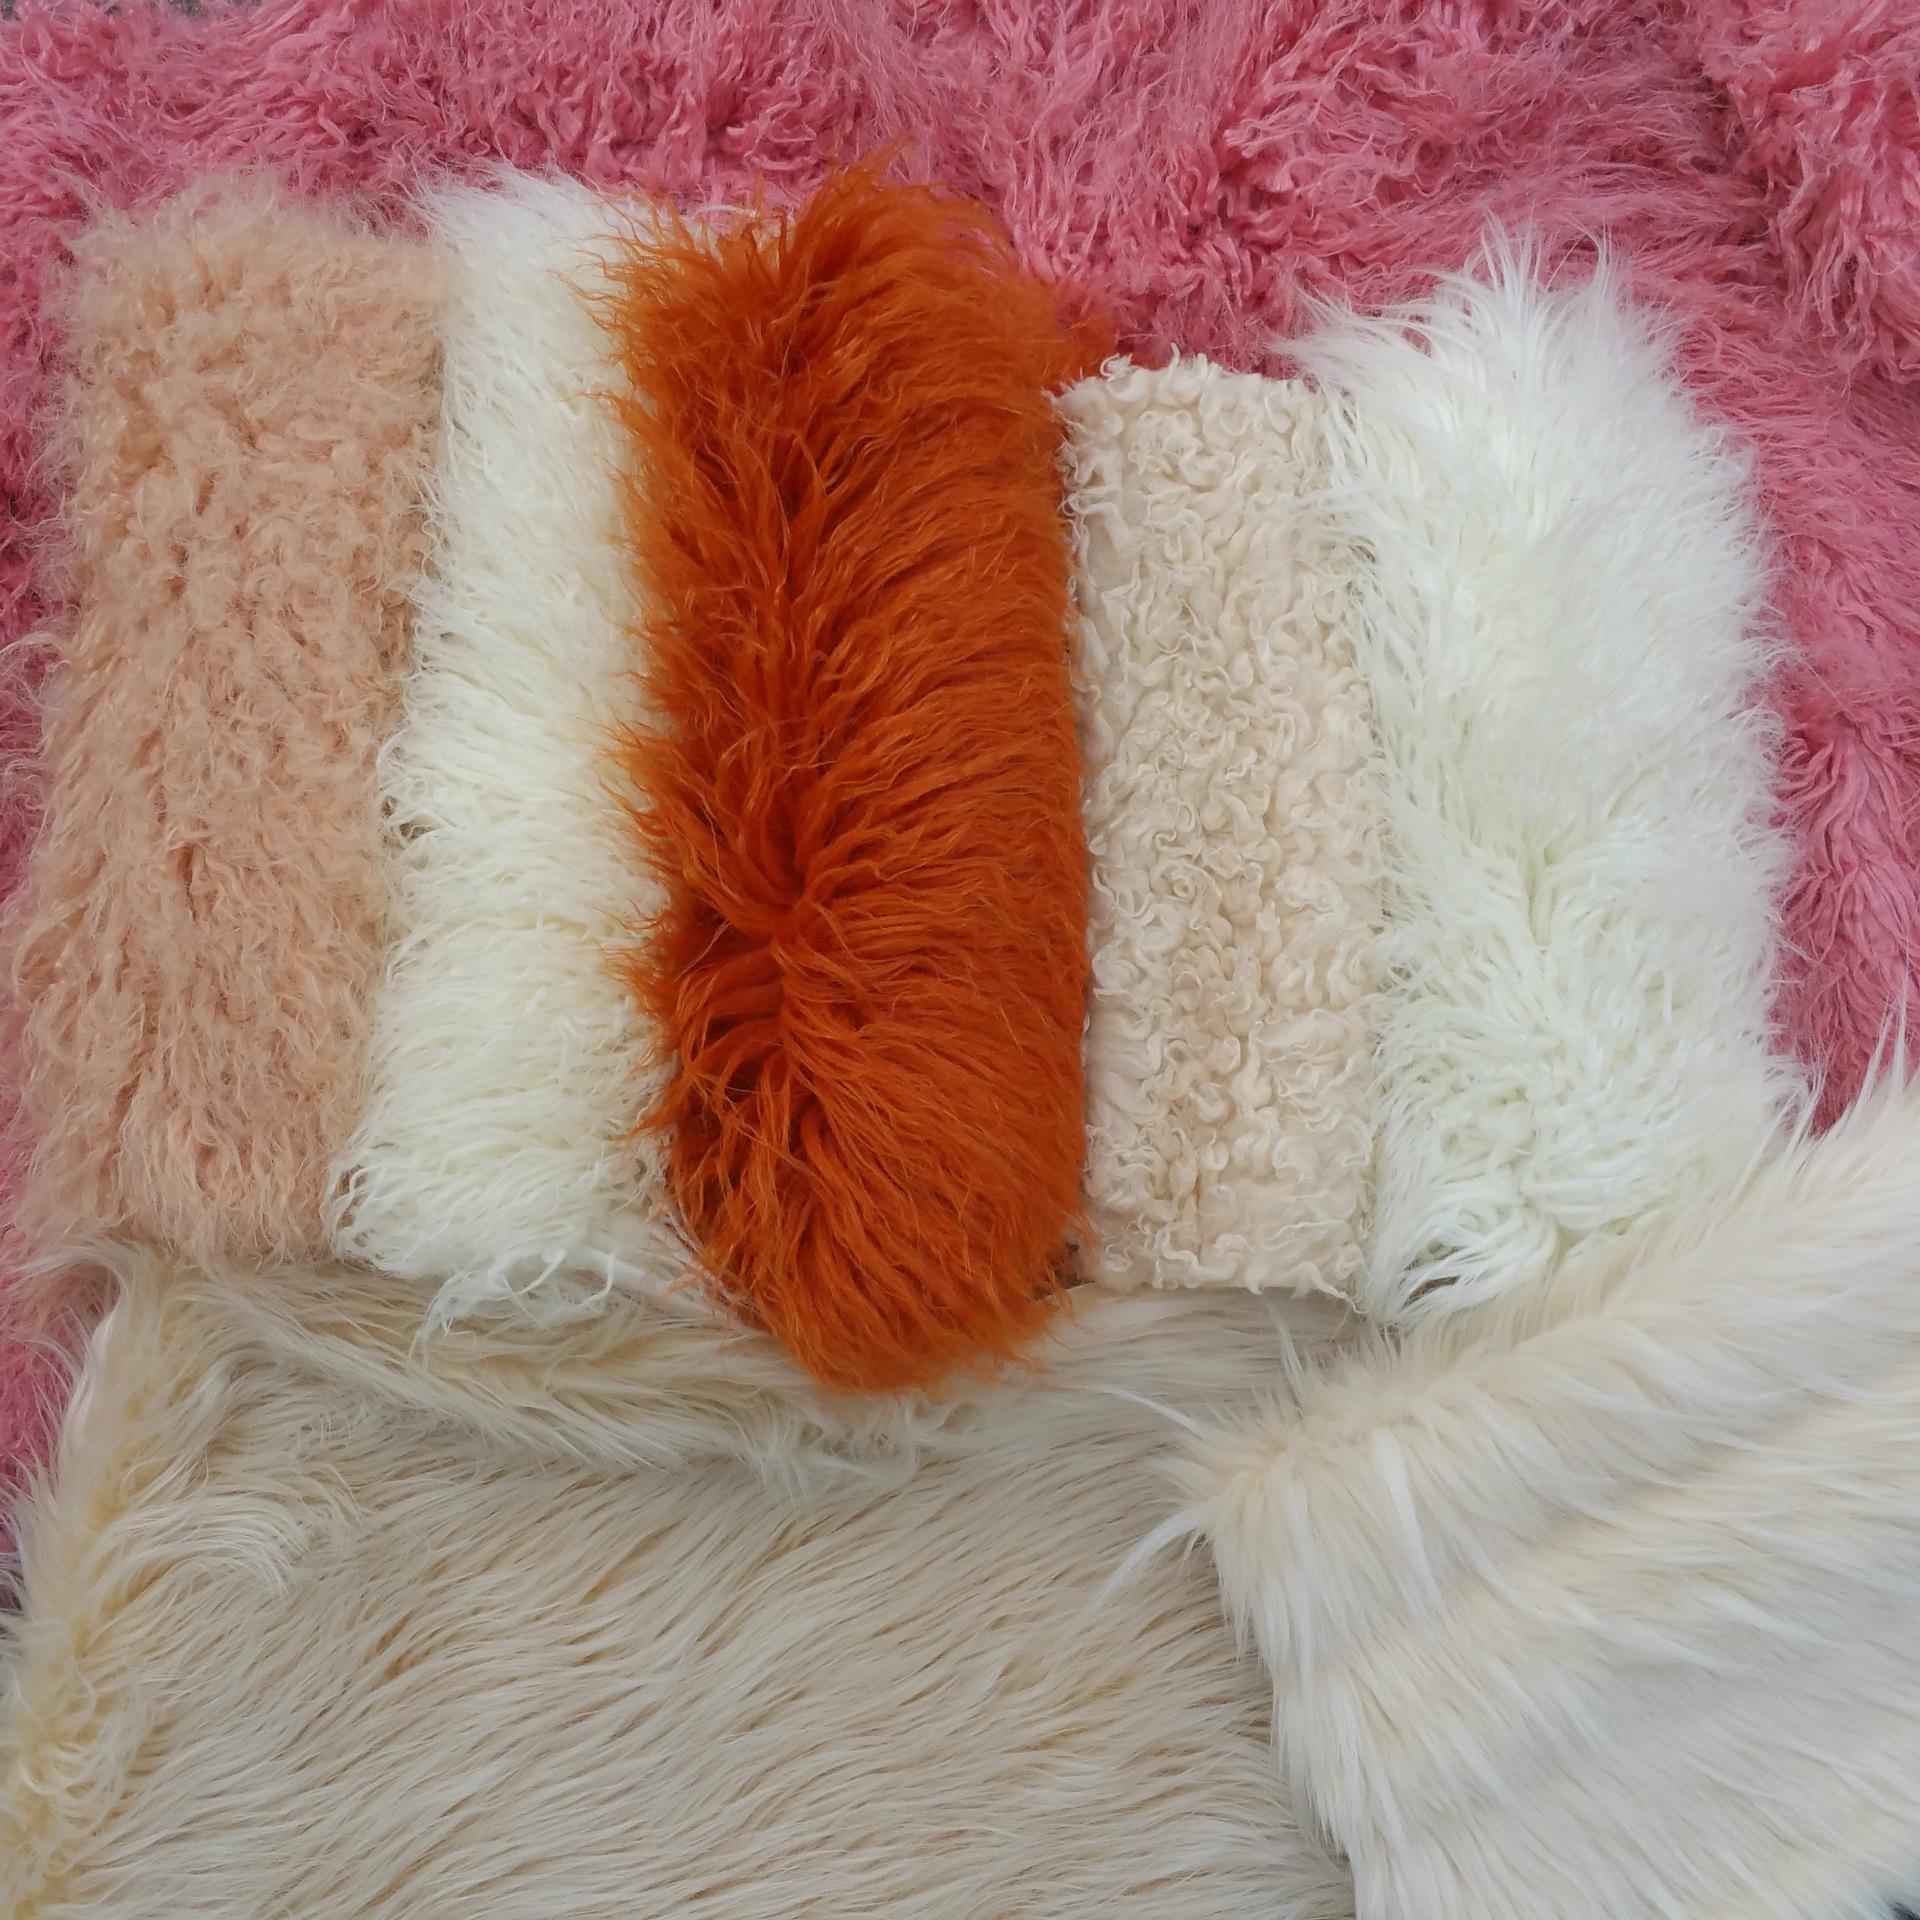 仿滩羊毛 仿羊卷毛 仿真羊毛 现货 毛草绒